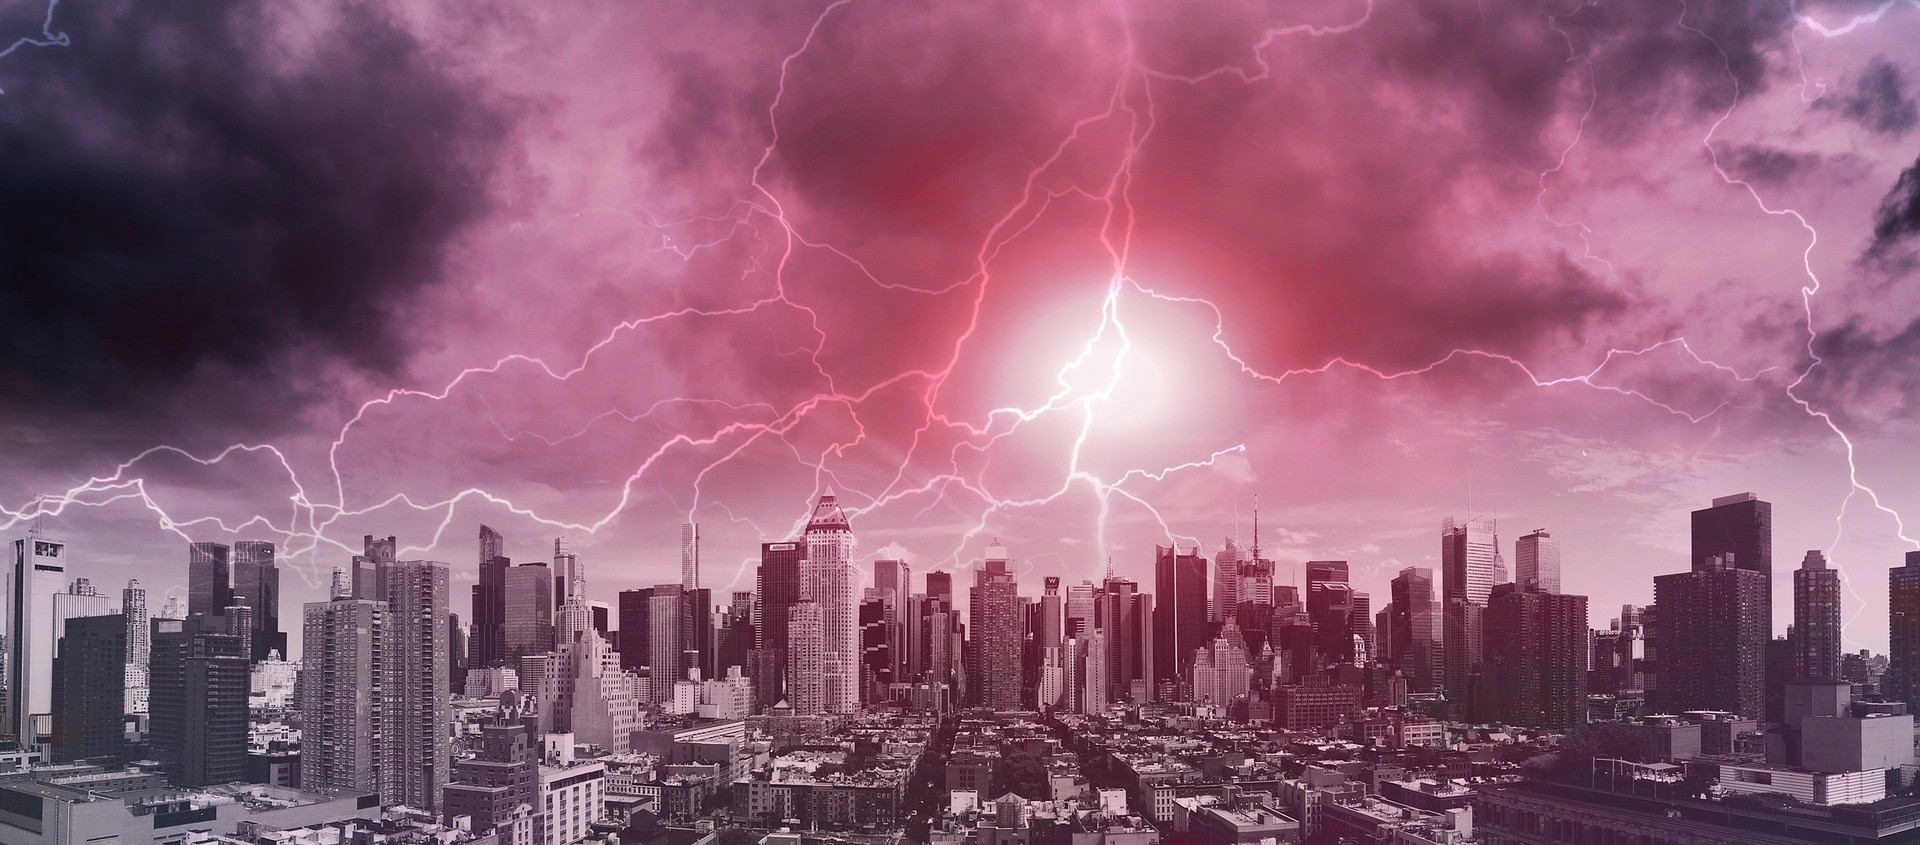 Mudança climática significa não só seca e calor, como tempestades mais intensas. (Foto: Creative Commons / geralt)